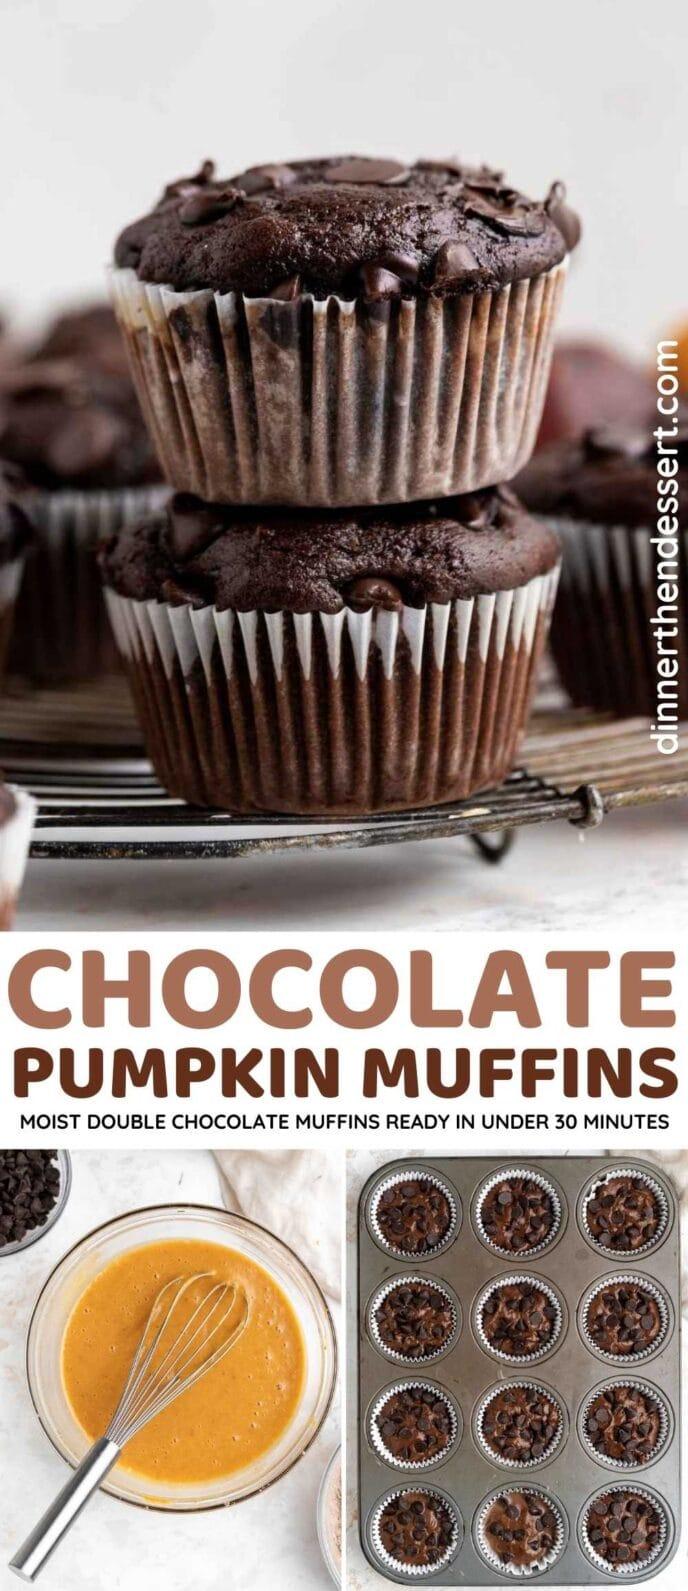 Chocolate Pumpkin Muffins Collage